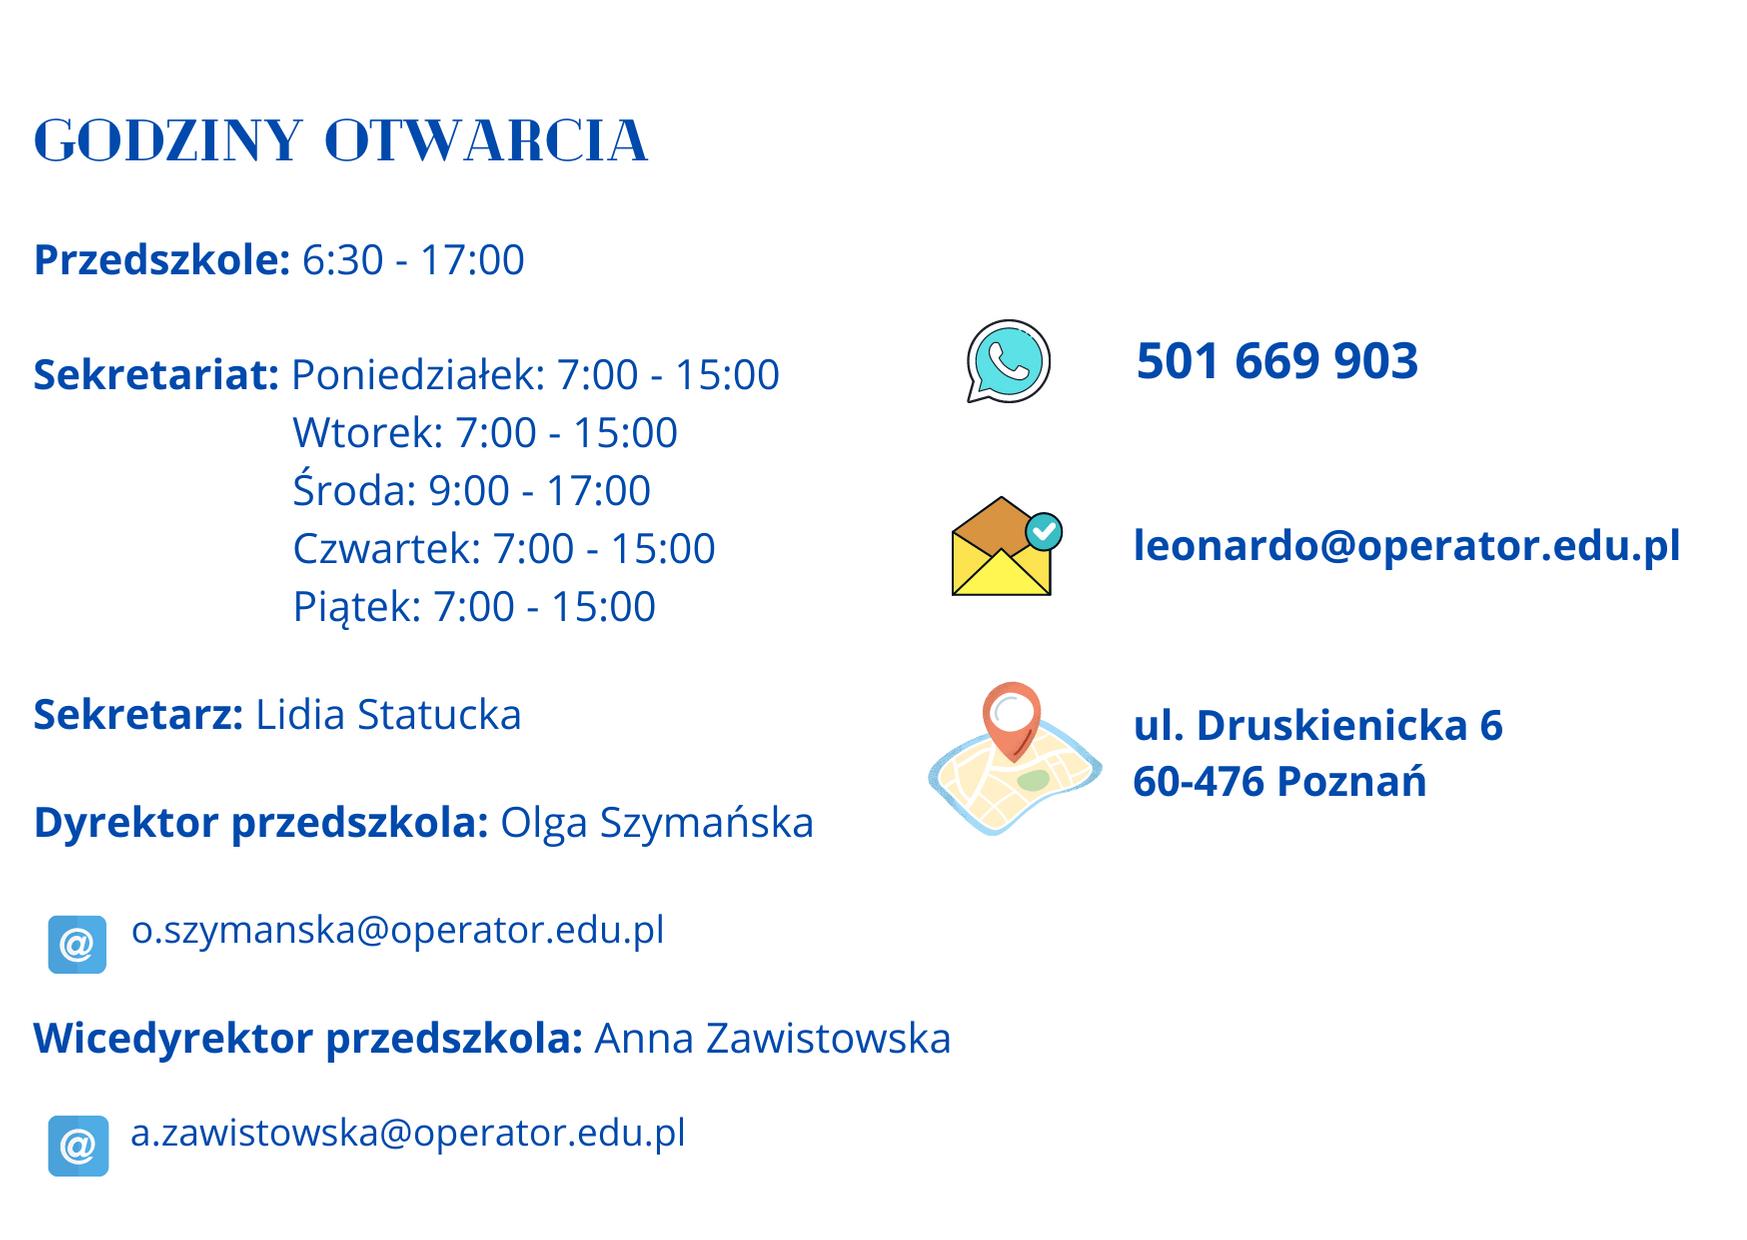 Godziny Otwarcia Przedszkole:6:30-17:00 Tel: 501669903 E-mail: leonardo@operator,edu.pl